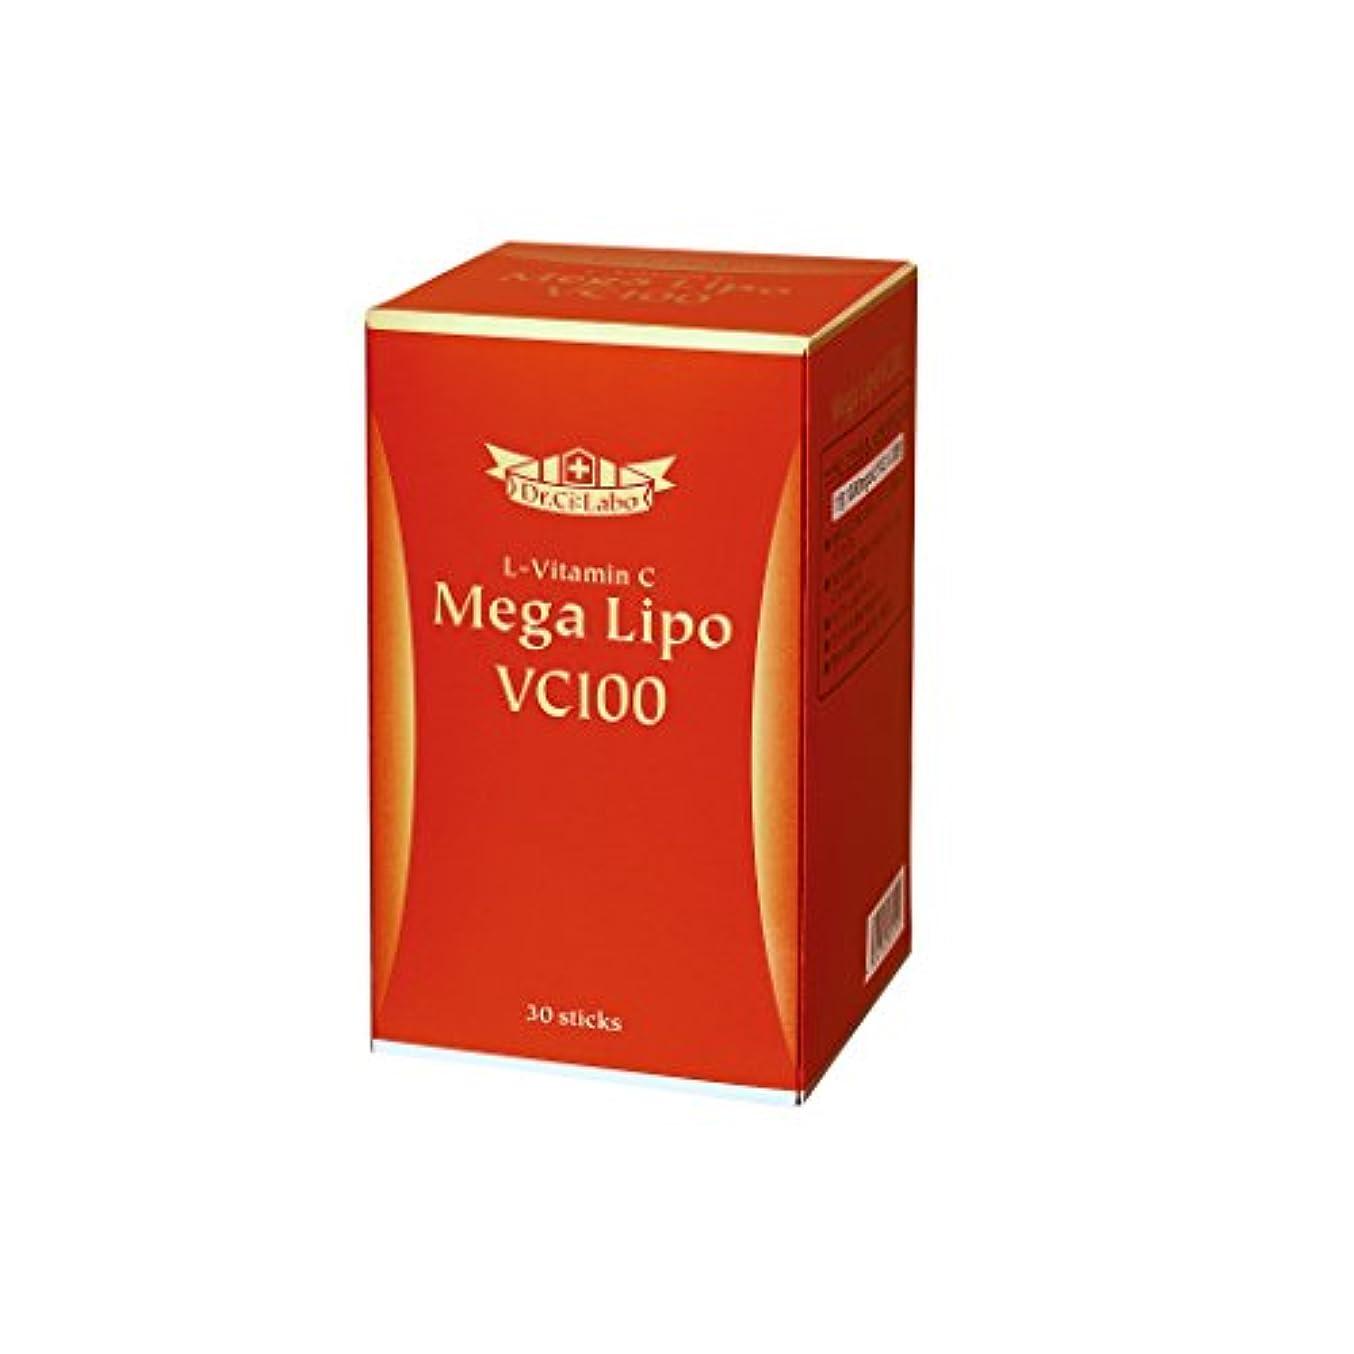 口述寄生虫感謝祭ドクターシーラボ メガリポVC100 2.8g×30包 美容サプリメント